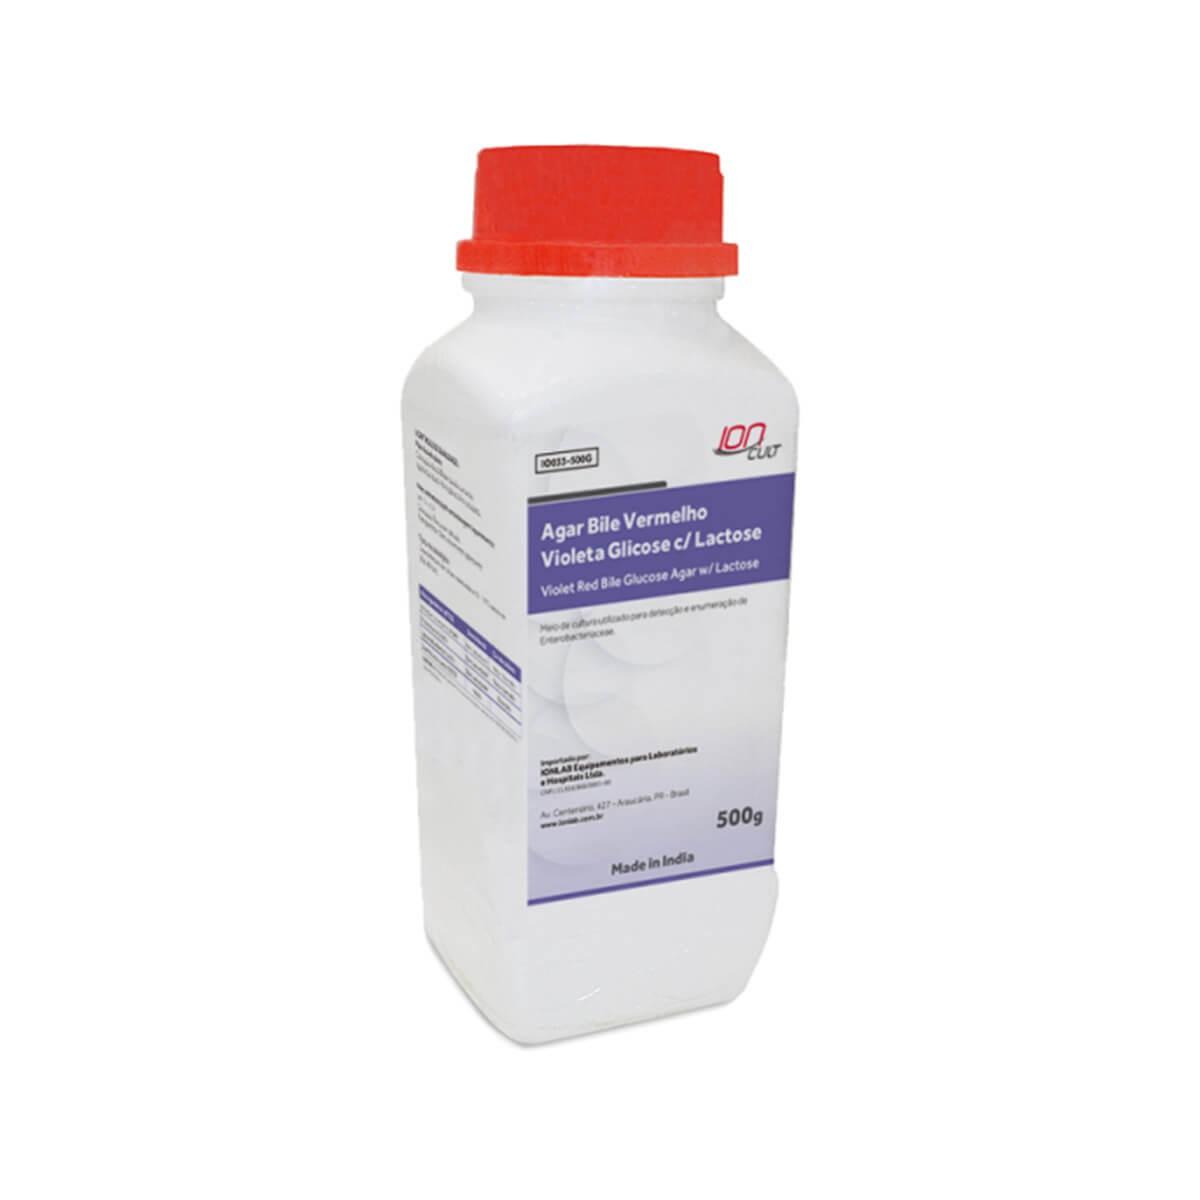 Agar Bile Vermelho Violeta Glicose c/ Lactose 500grs